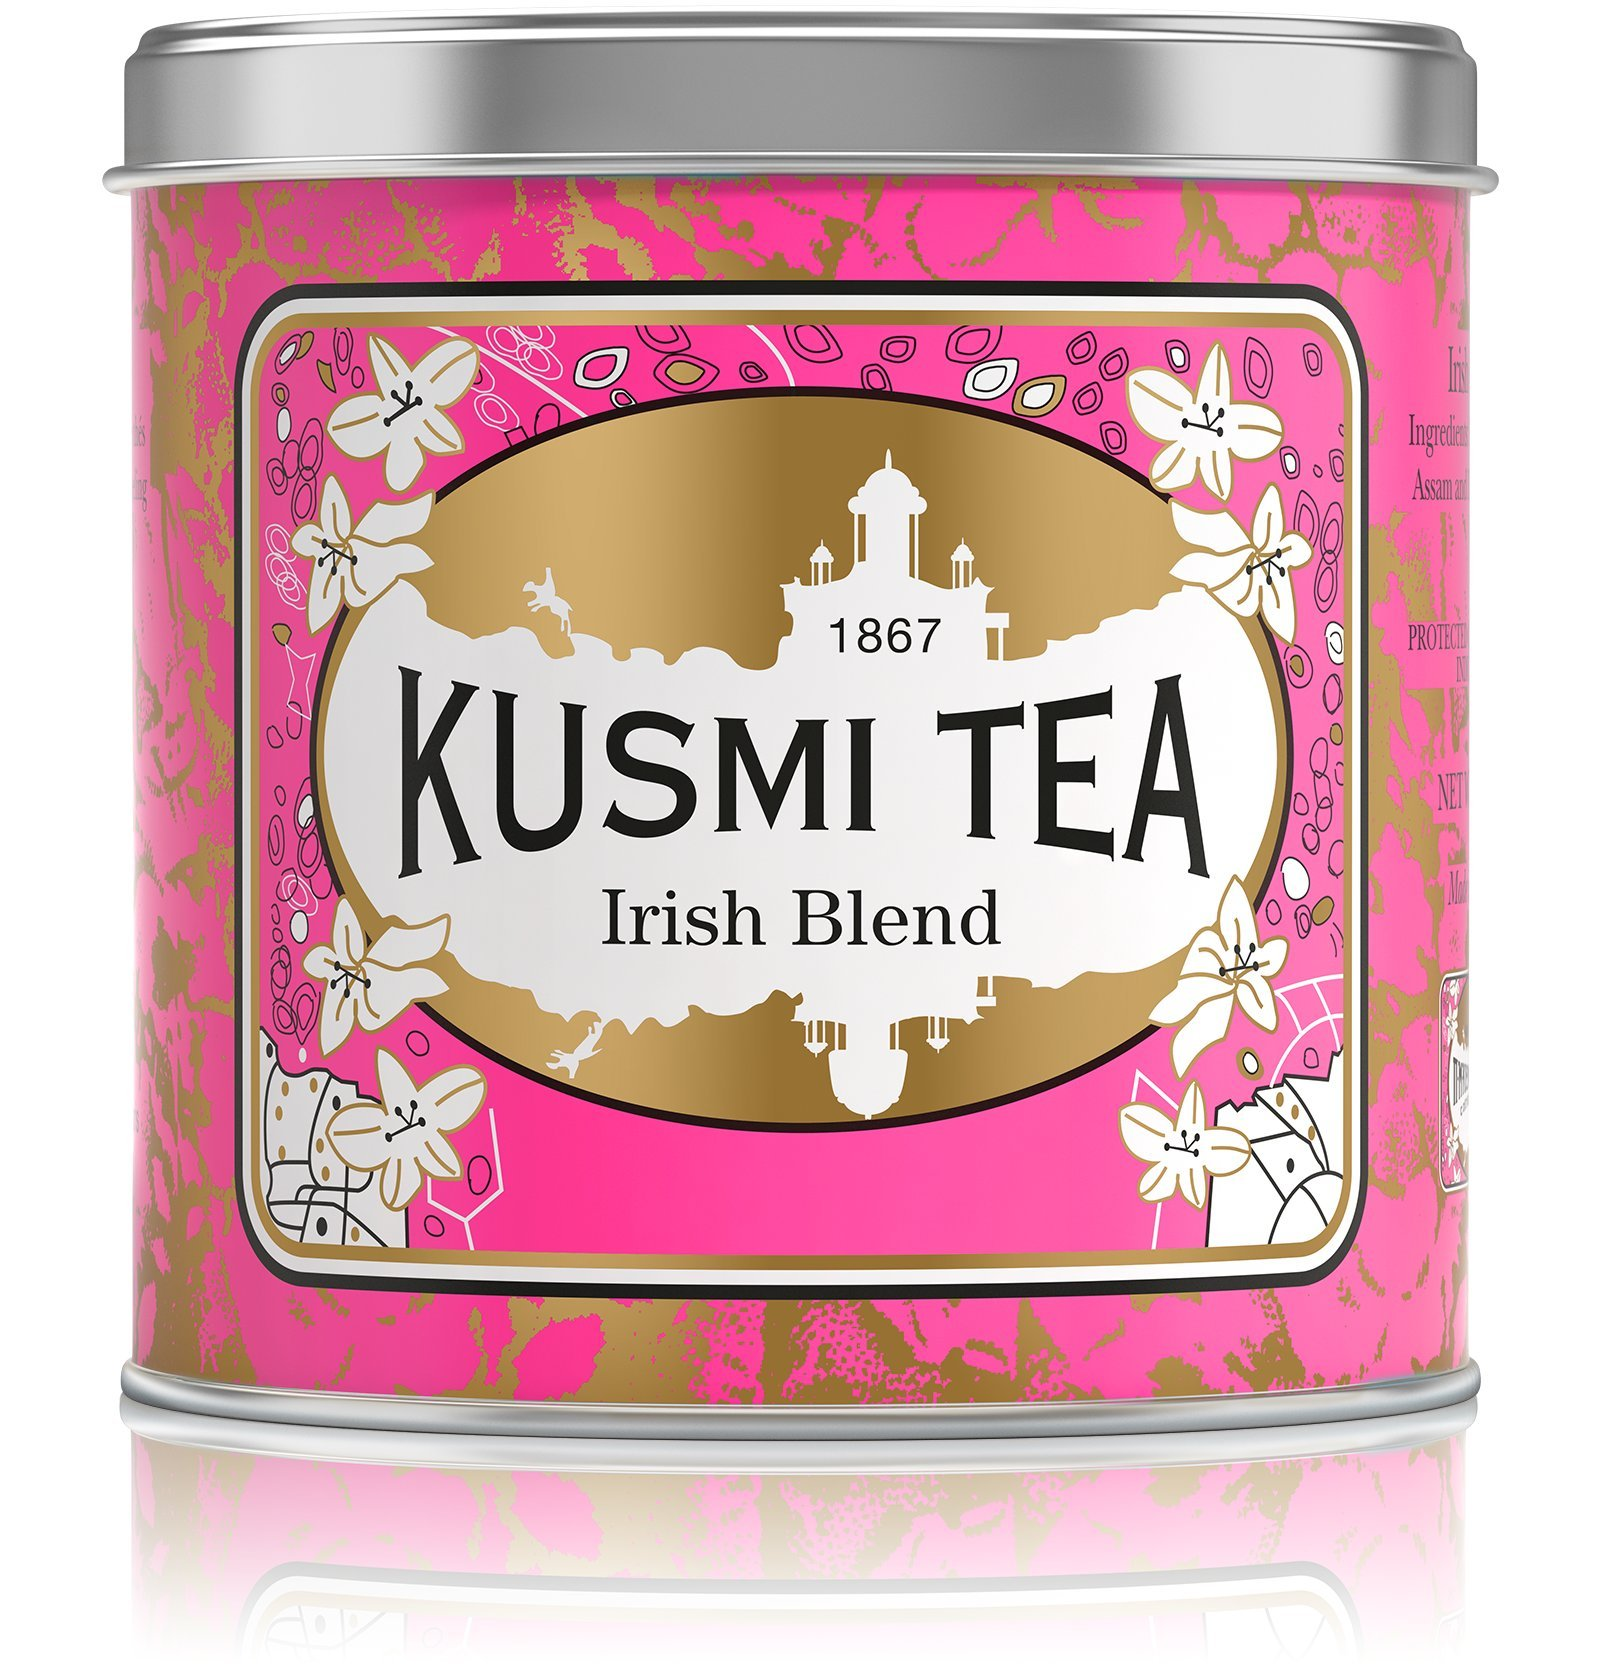 Kusmi Tea - Irish Tea Blend of Assam & Darjeeling Black Teas - 8.8oz 100 Servings